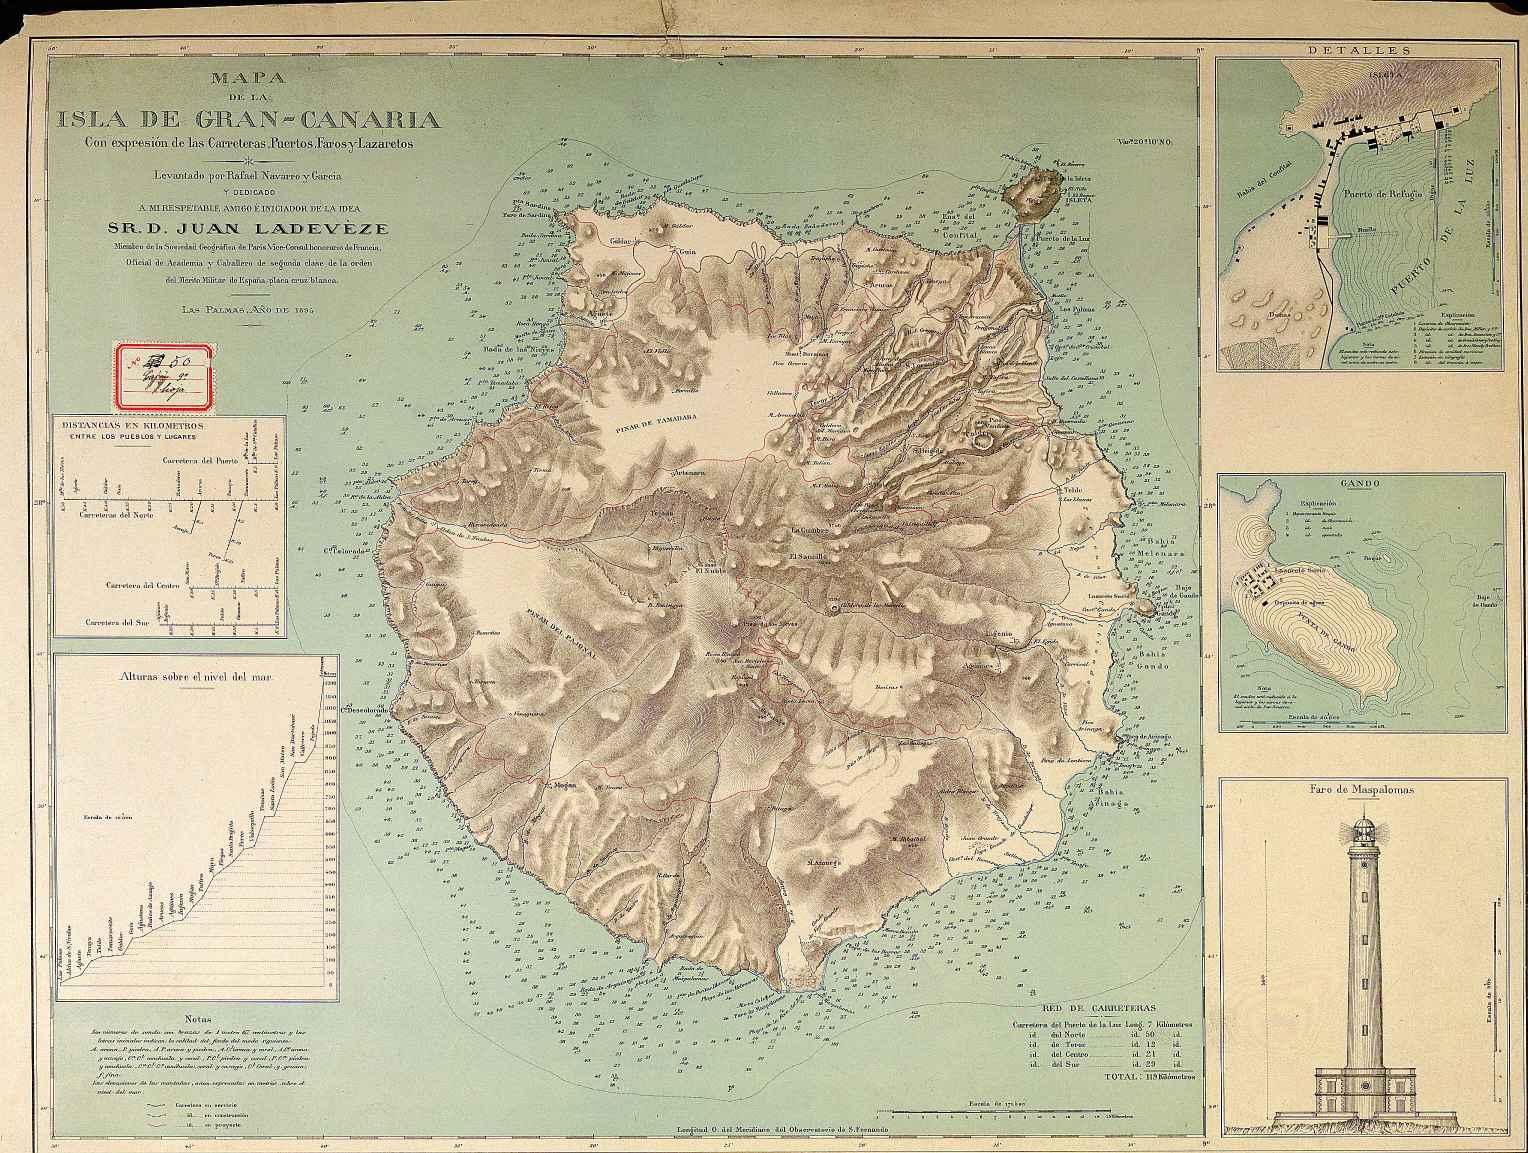 Mapa de la Isla de Gran Canaria 1895